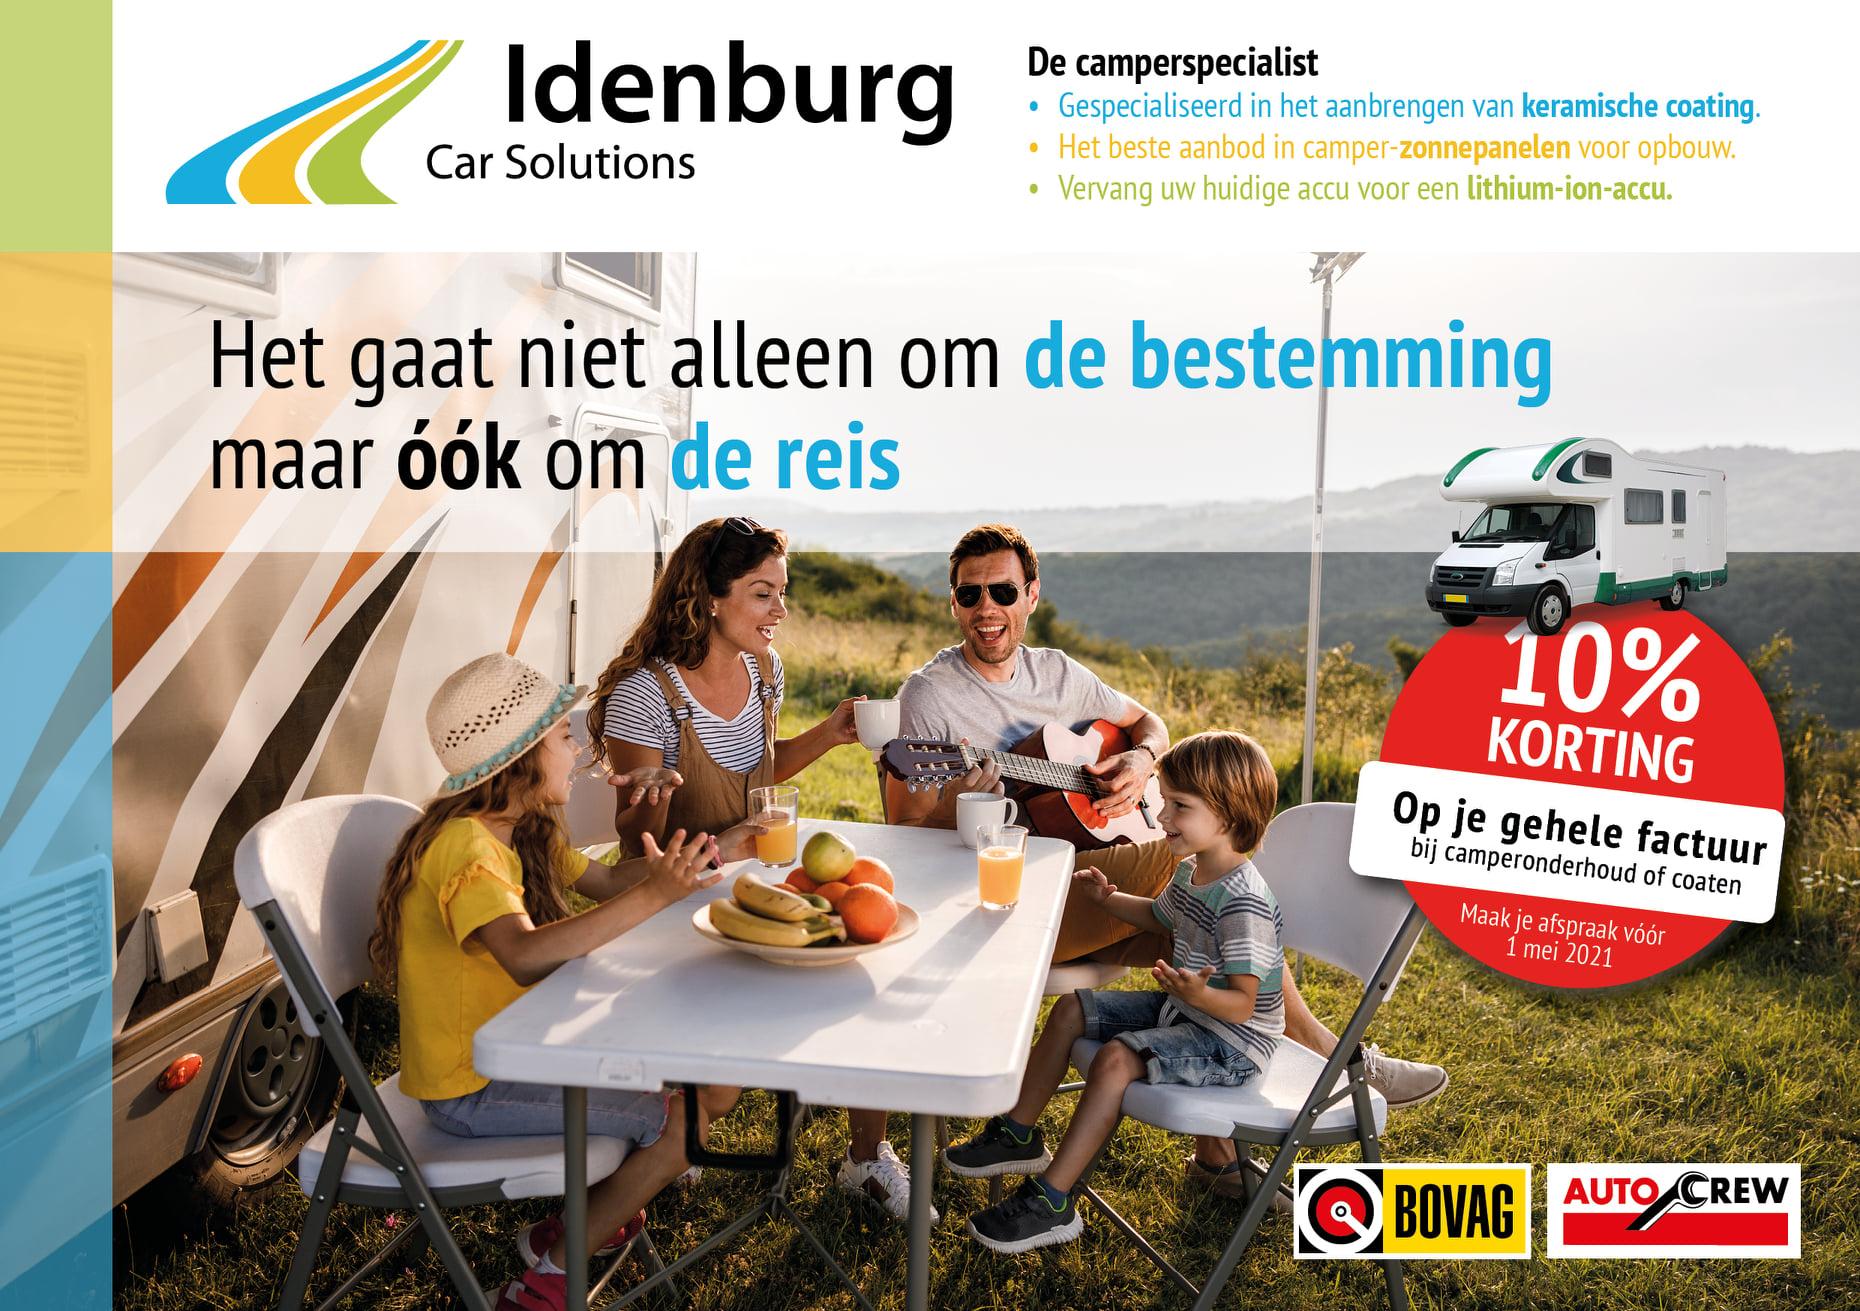 camper actie idenburg car solutions 2021